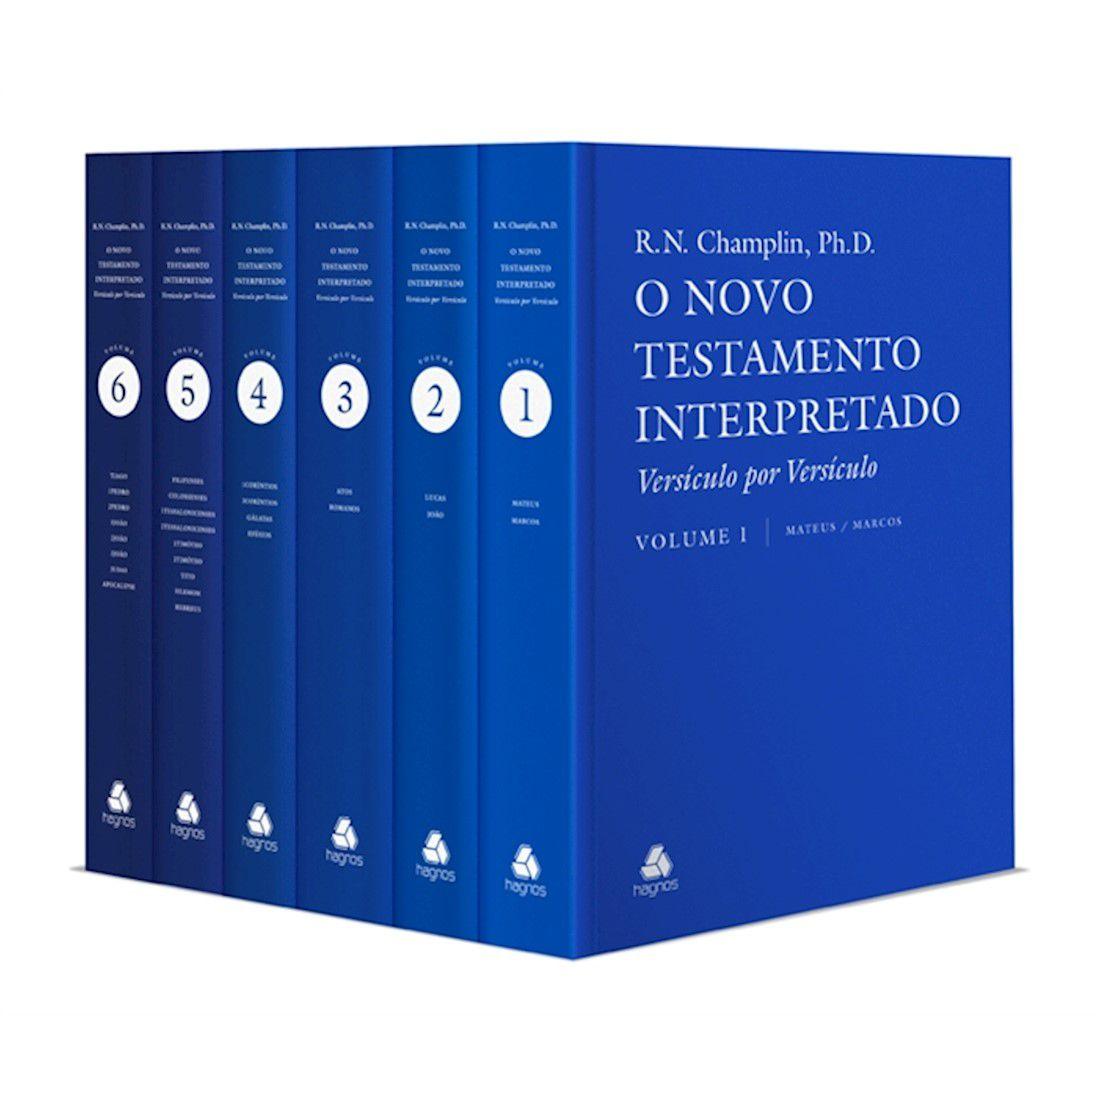 Livro O Novo Testamento Interpretado: Versículo por Versículo